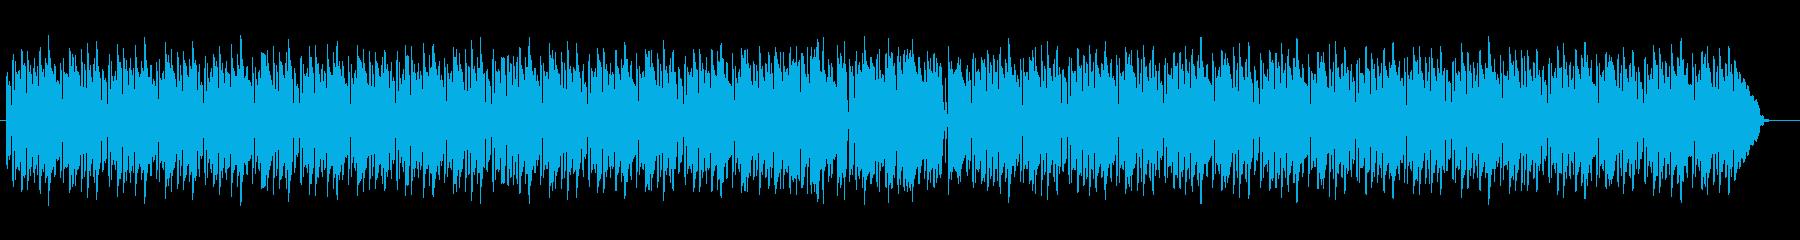 穏やかで軽快なポップBGMサウンドの再生済みの波形